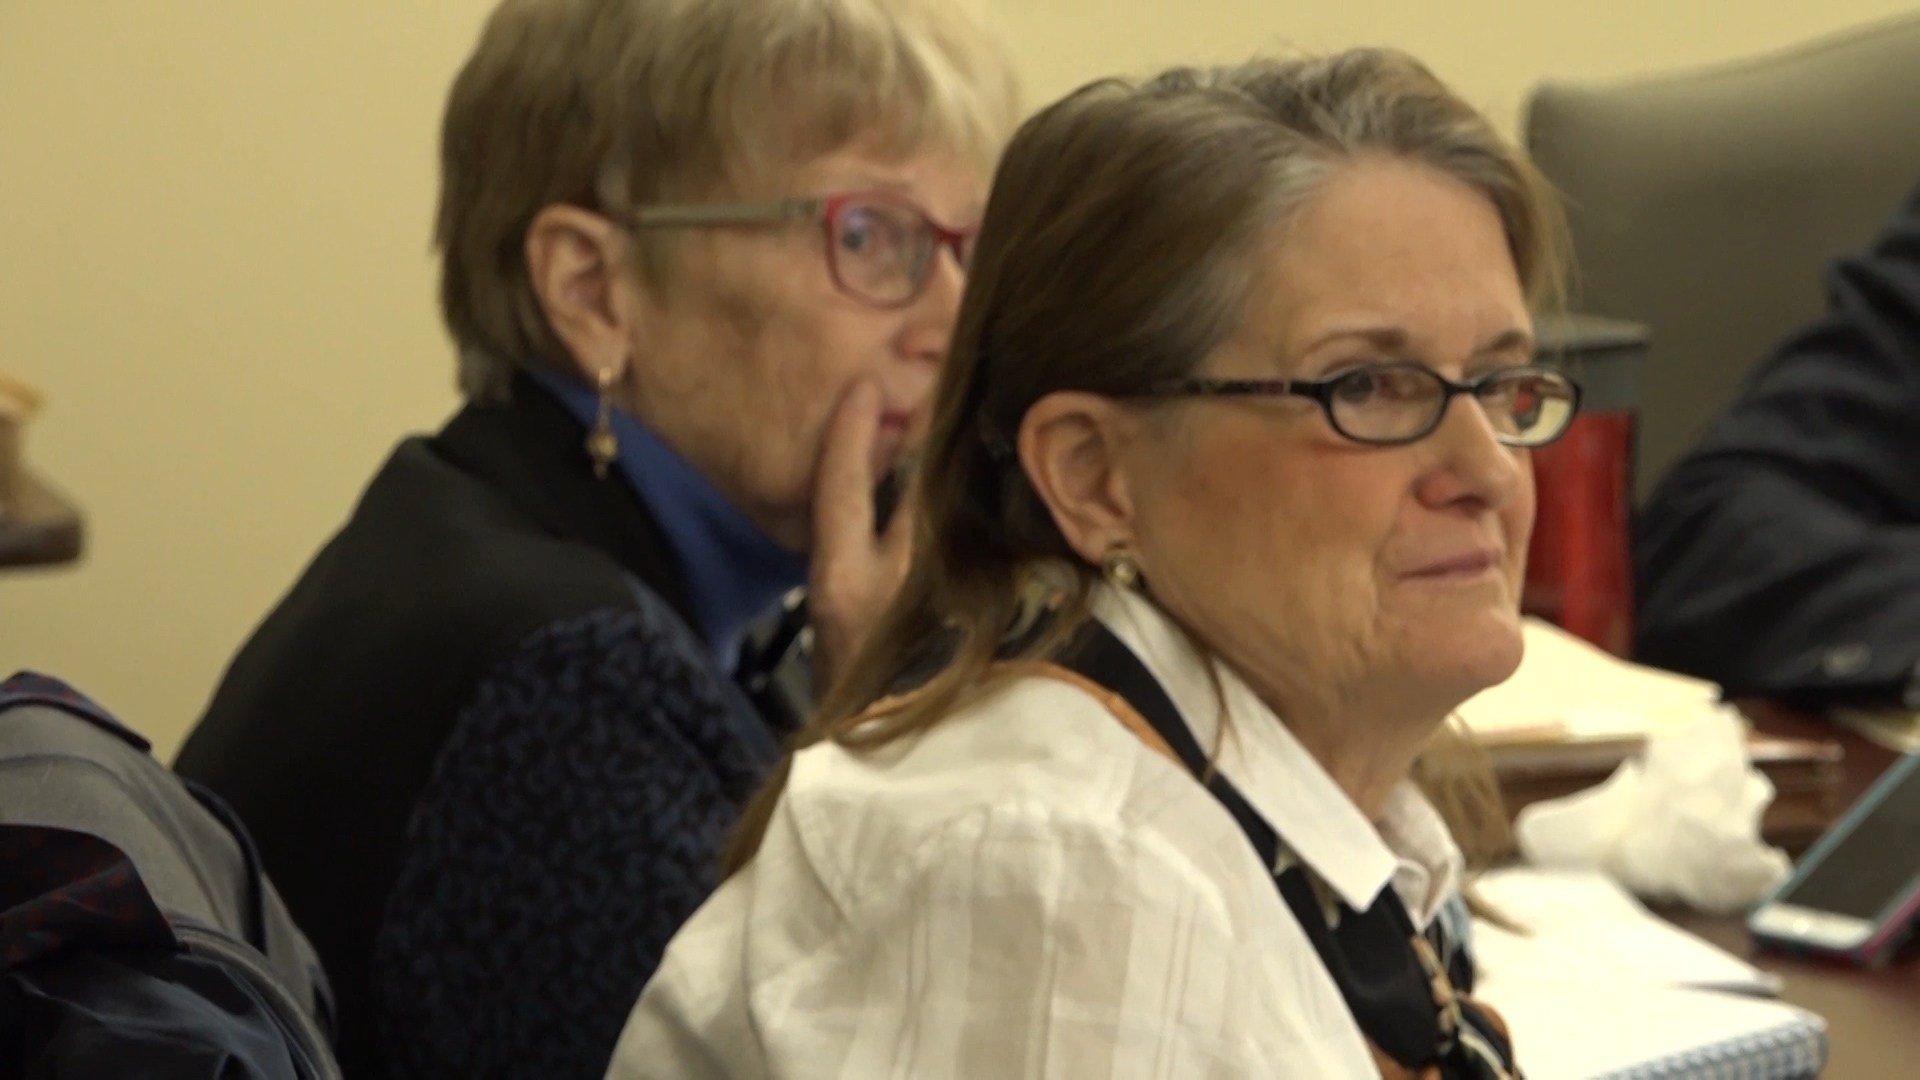 MT state Rep. Kathy Kelker, D-Billings